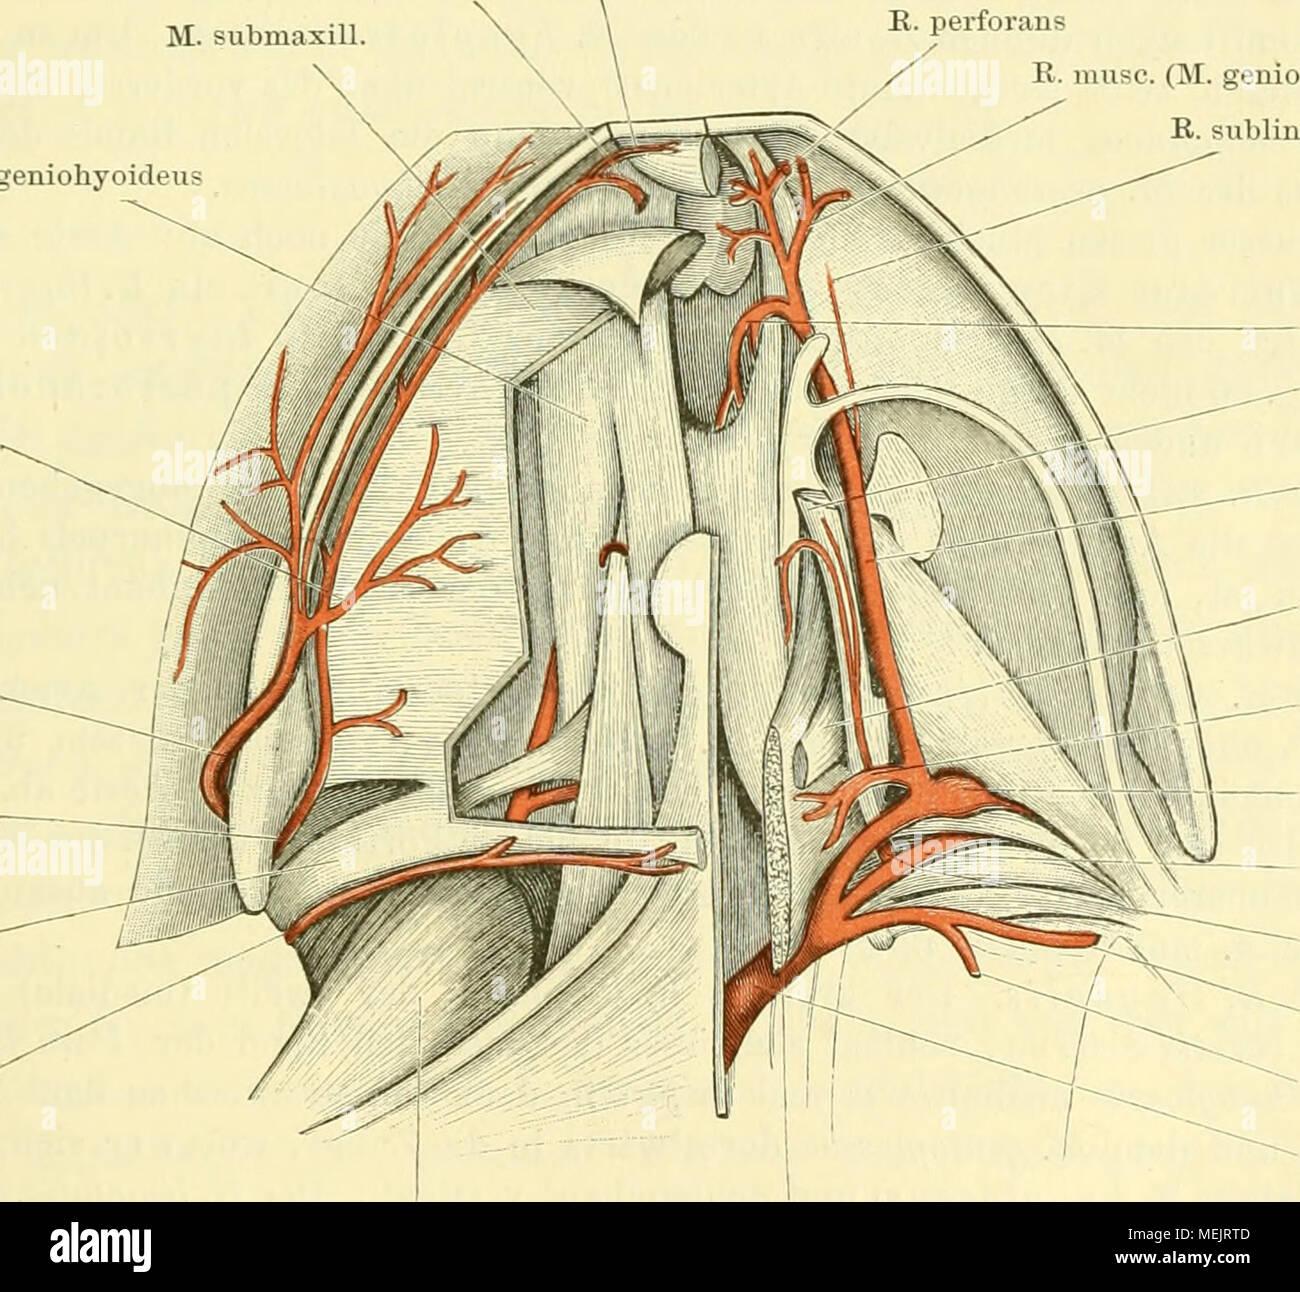 Charmant Bilder Von Der Anatomie Bilder - Anatomie Ideen - finotti.info